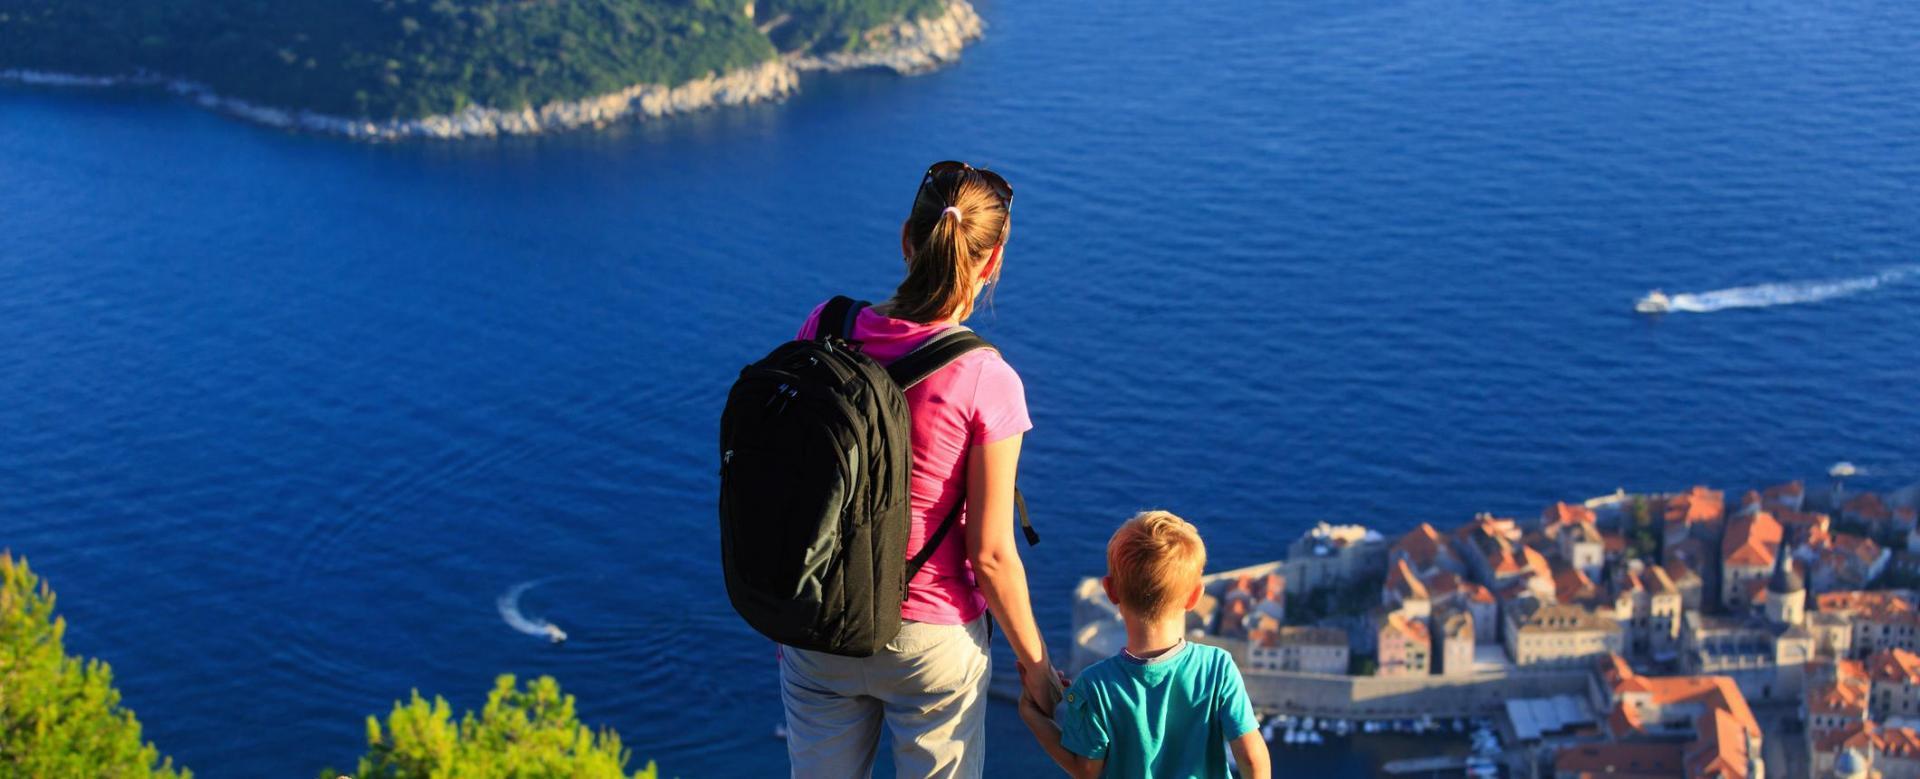 Voyage sur l'eau Croatie : Les joies de l'adriatique